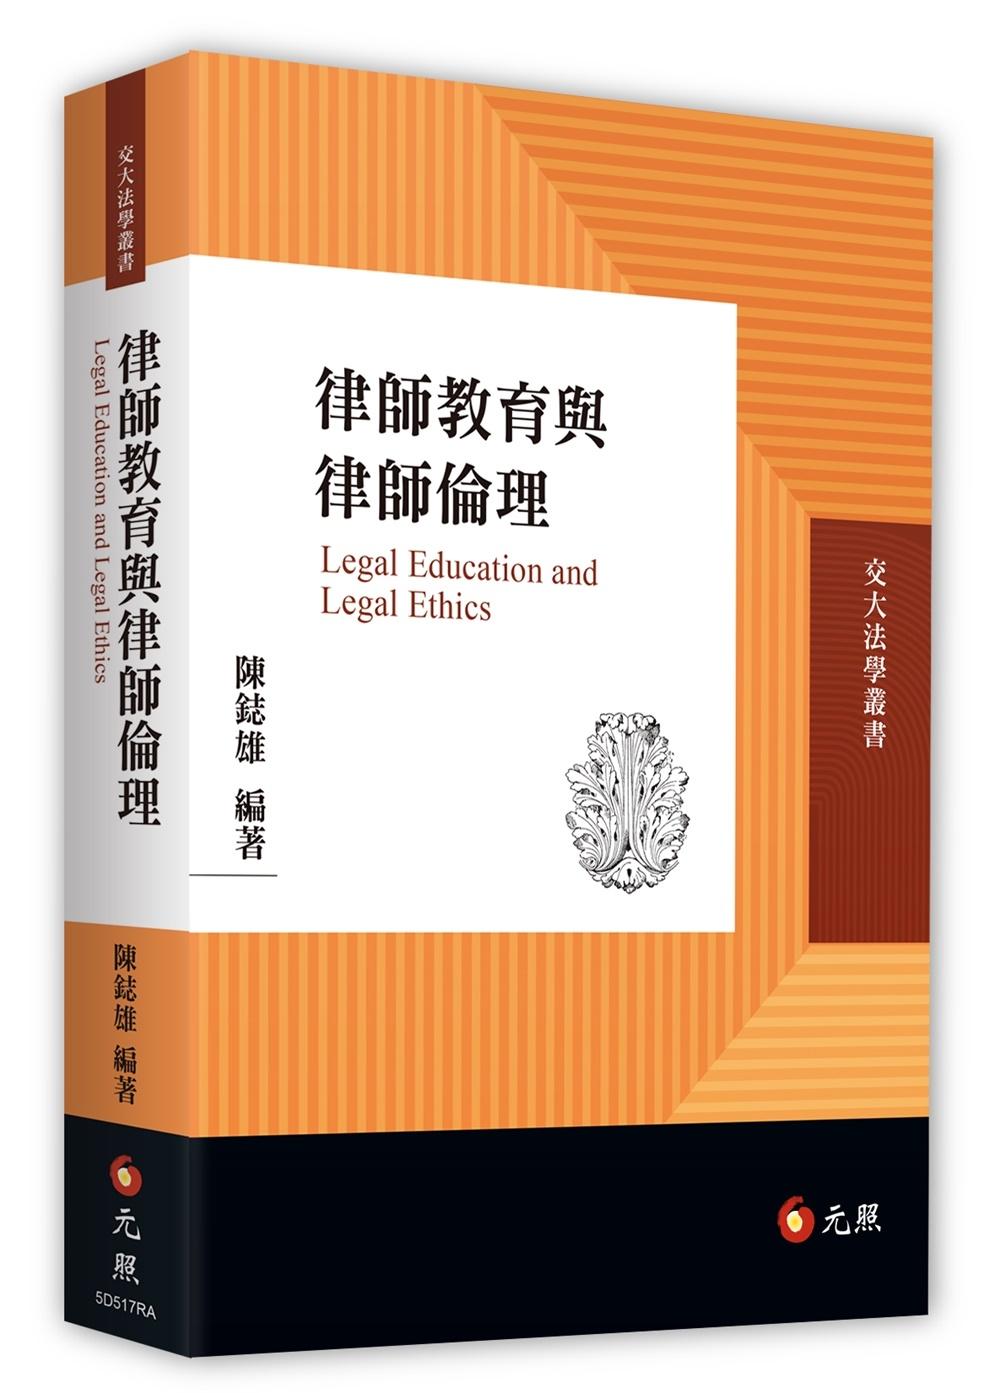 律師教育與律師倫理